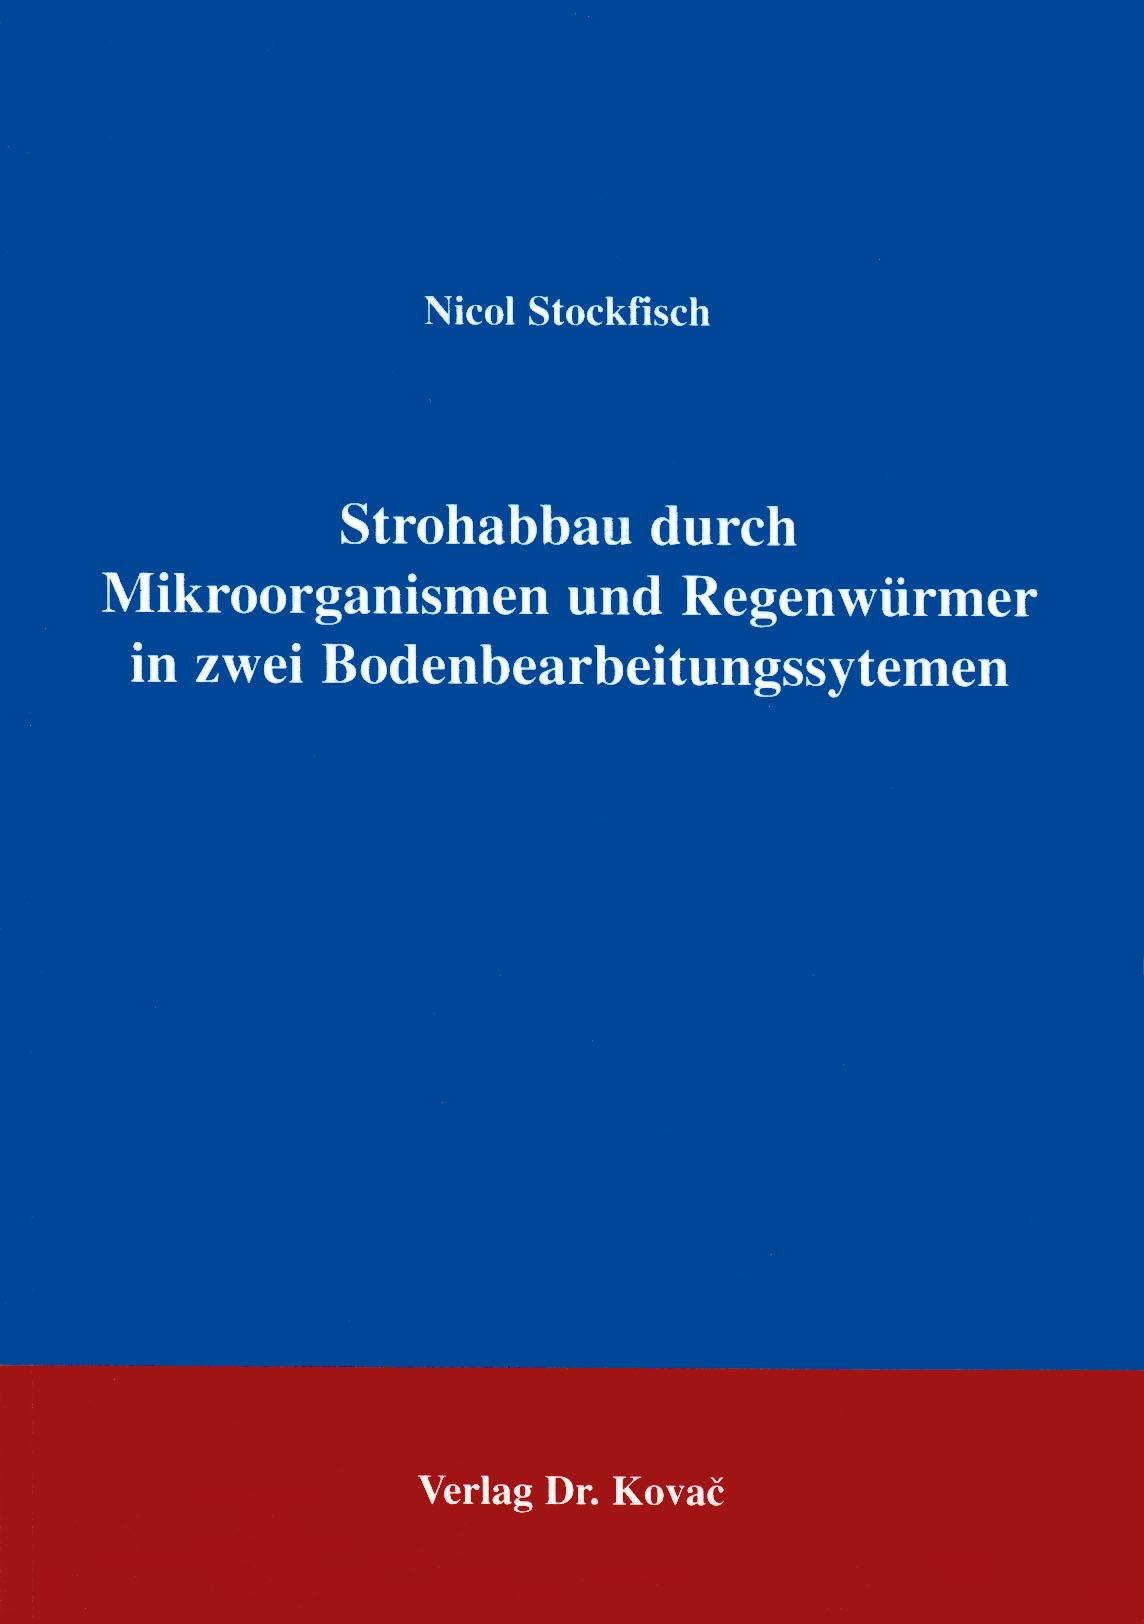 Cover: Strohabbau durch Mikroorganismen und Regenwürmer in zwei Bodenbearbeitungssystemen